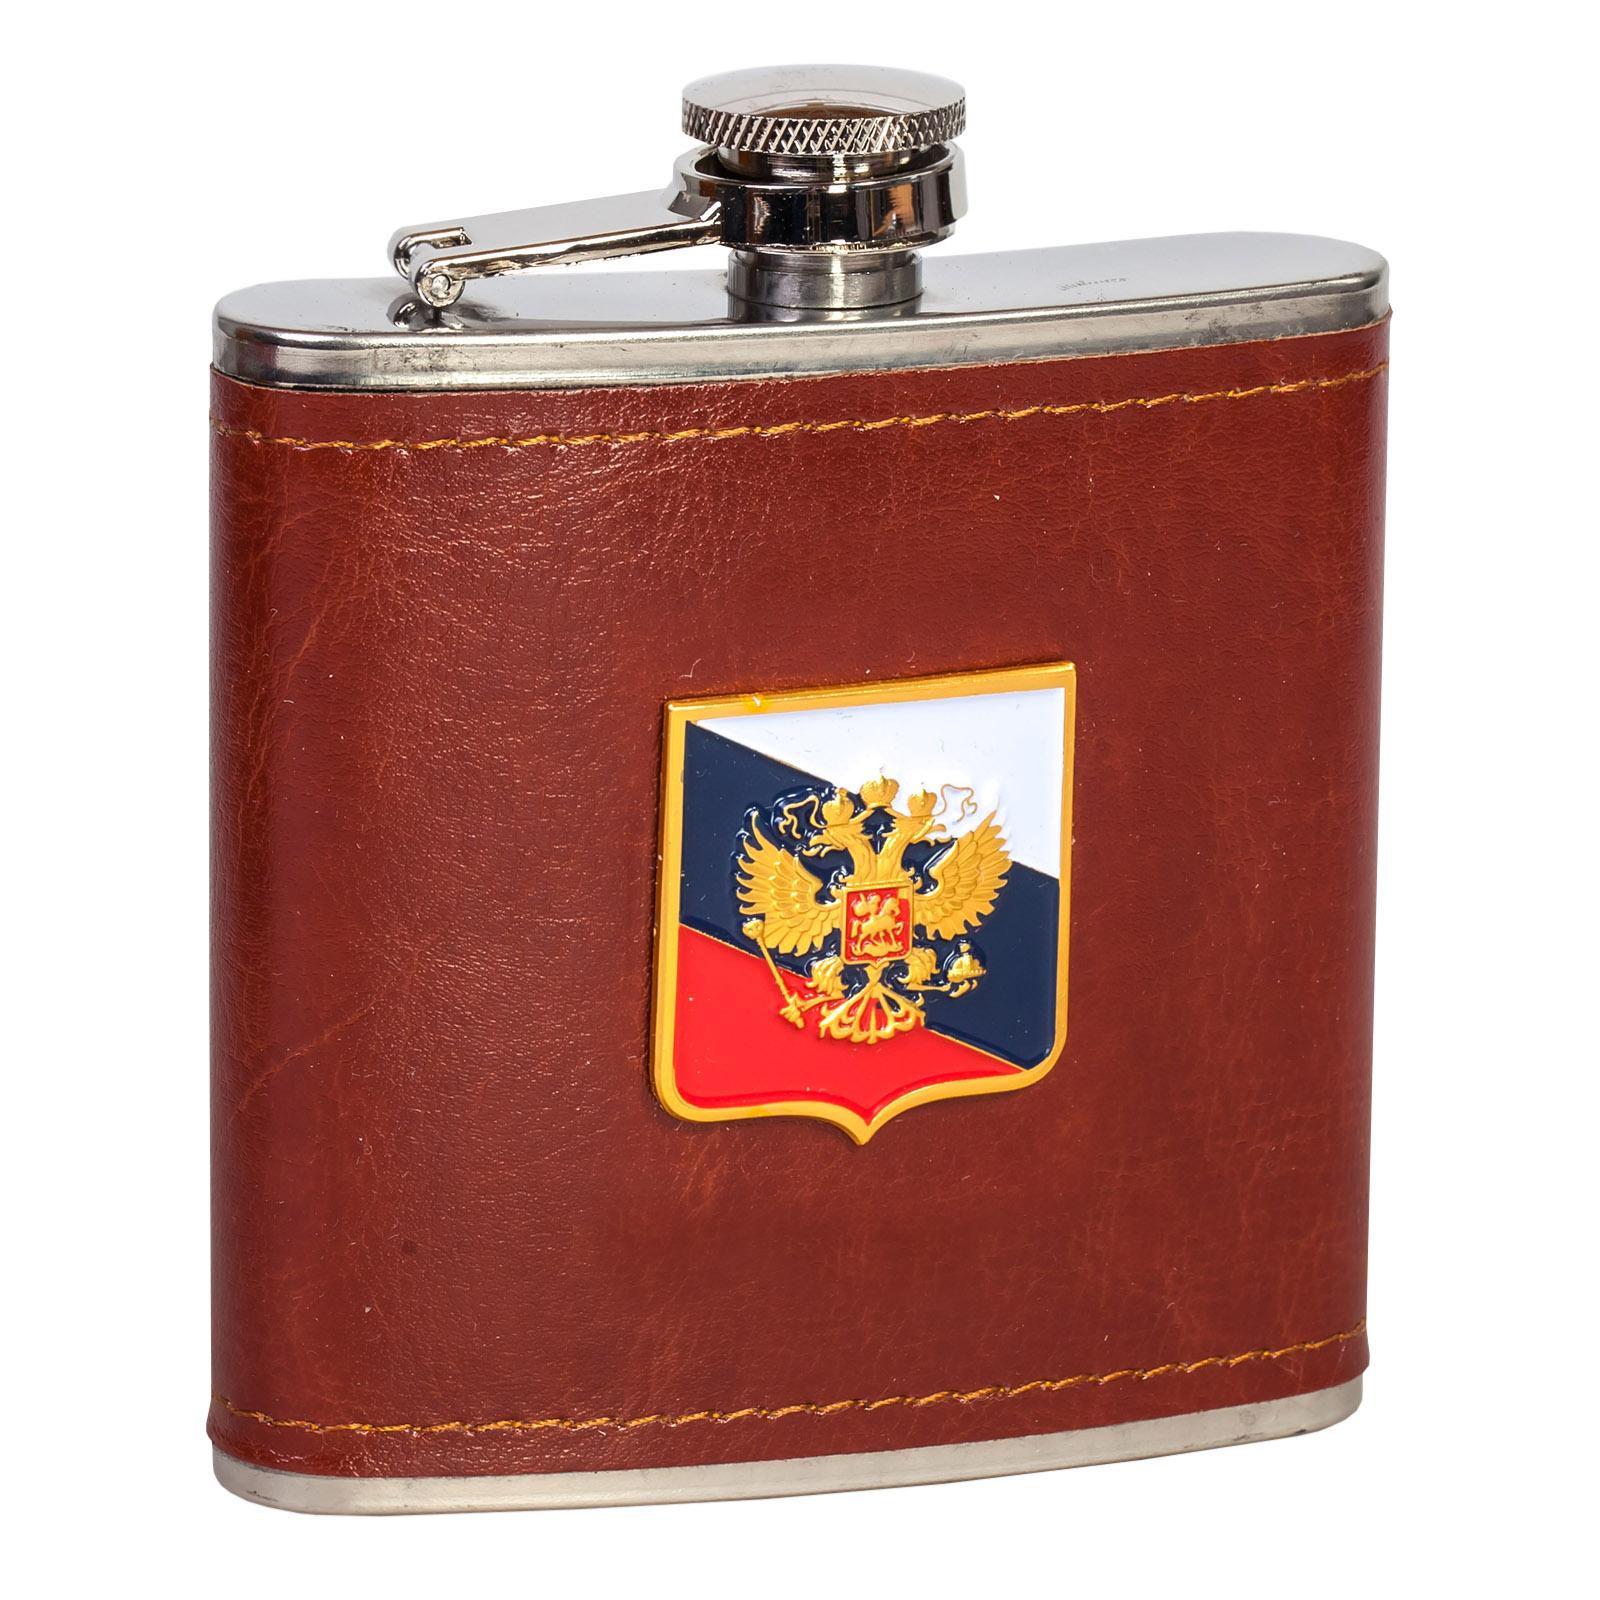 Сколько стоит хорошая фляжка на подарок мужчине? В интернет магазине Военпро всего 599 рублей!